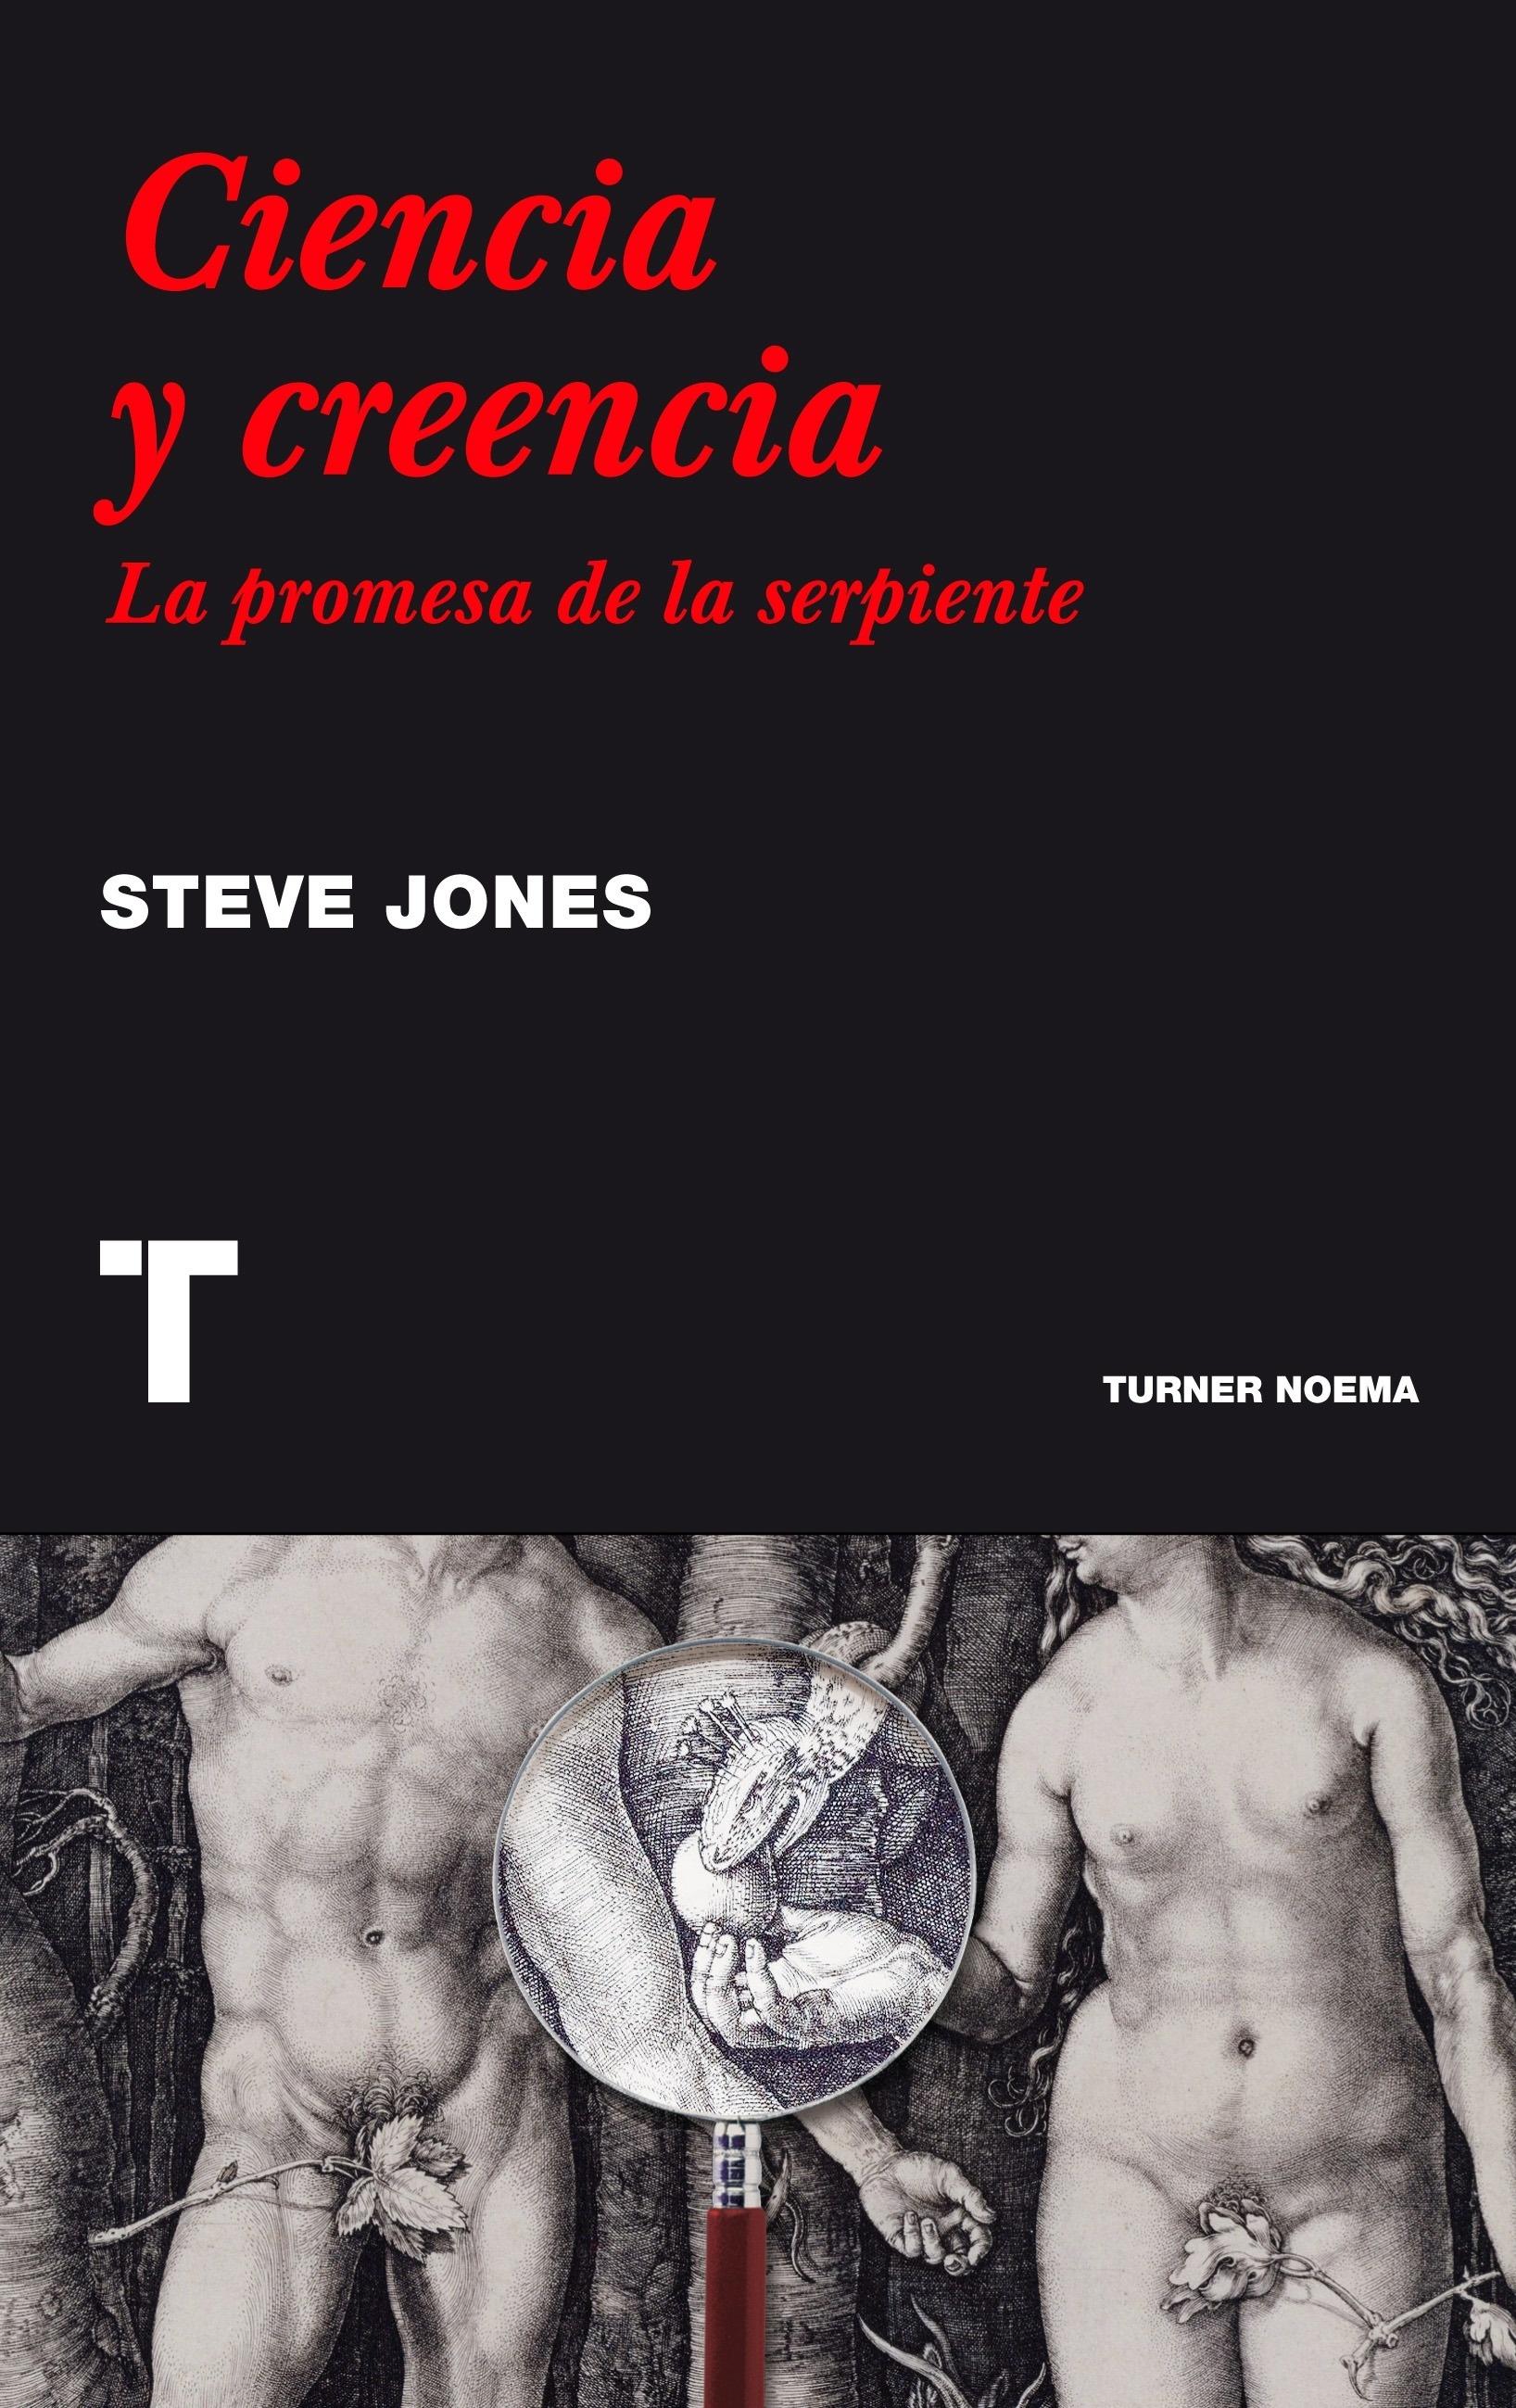 Libro: Ciencia y creencia 'La promesa de la serpiente' - Jones, Steve: